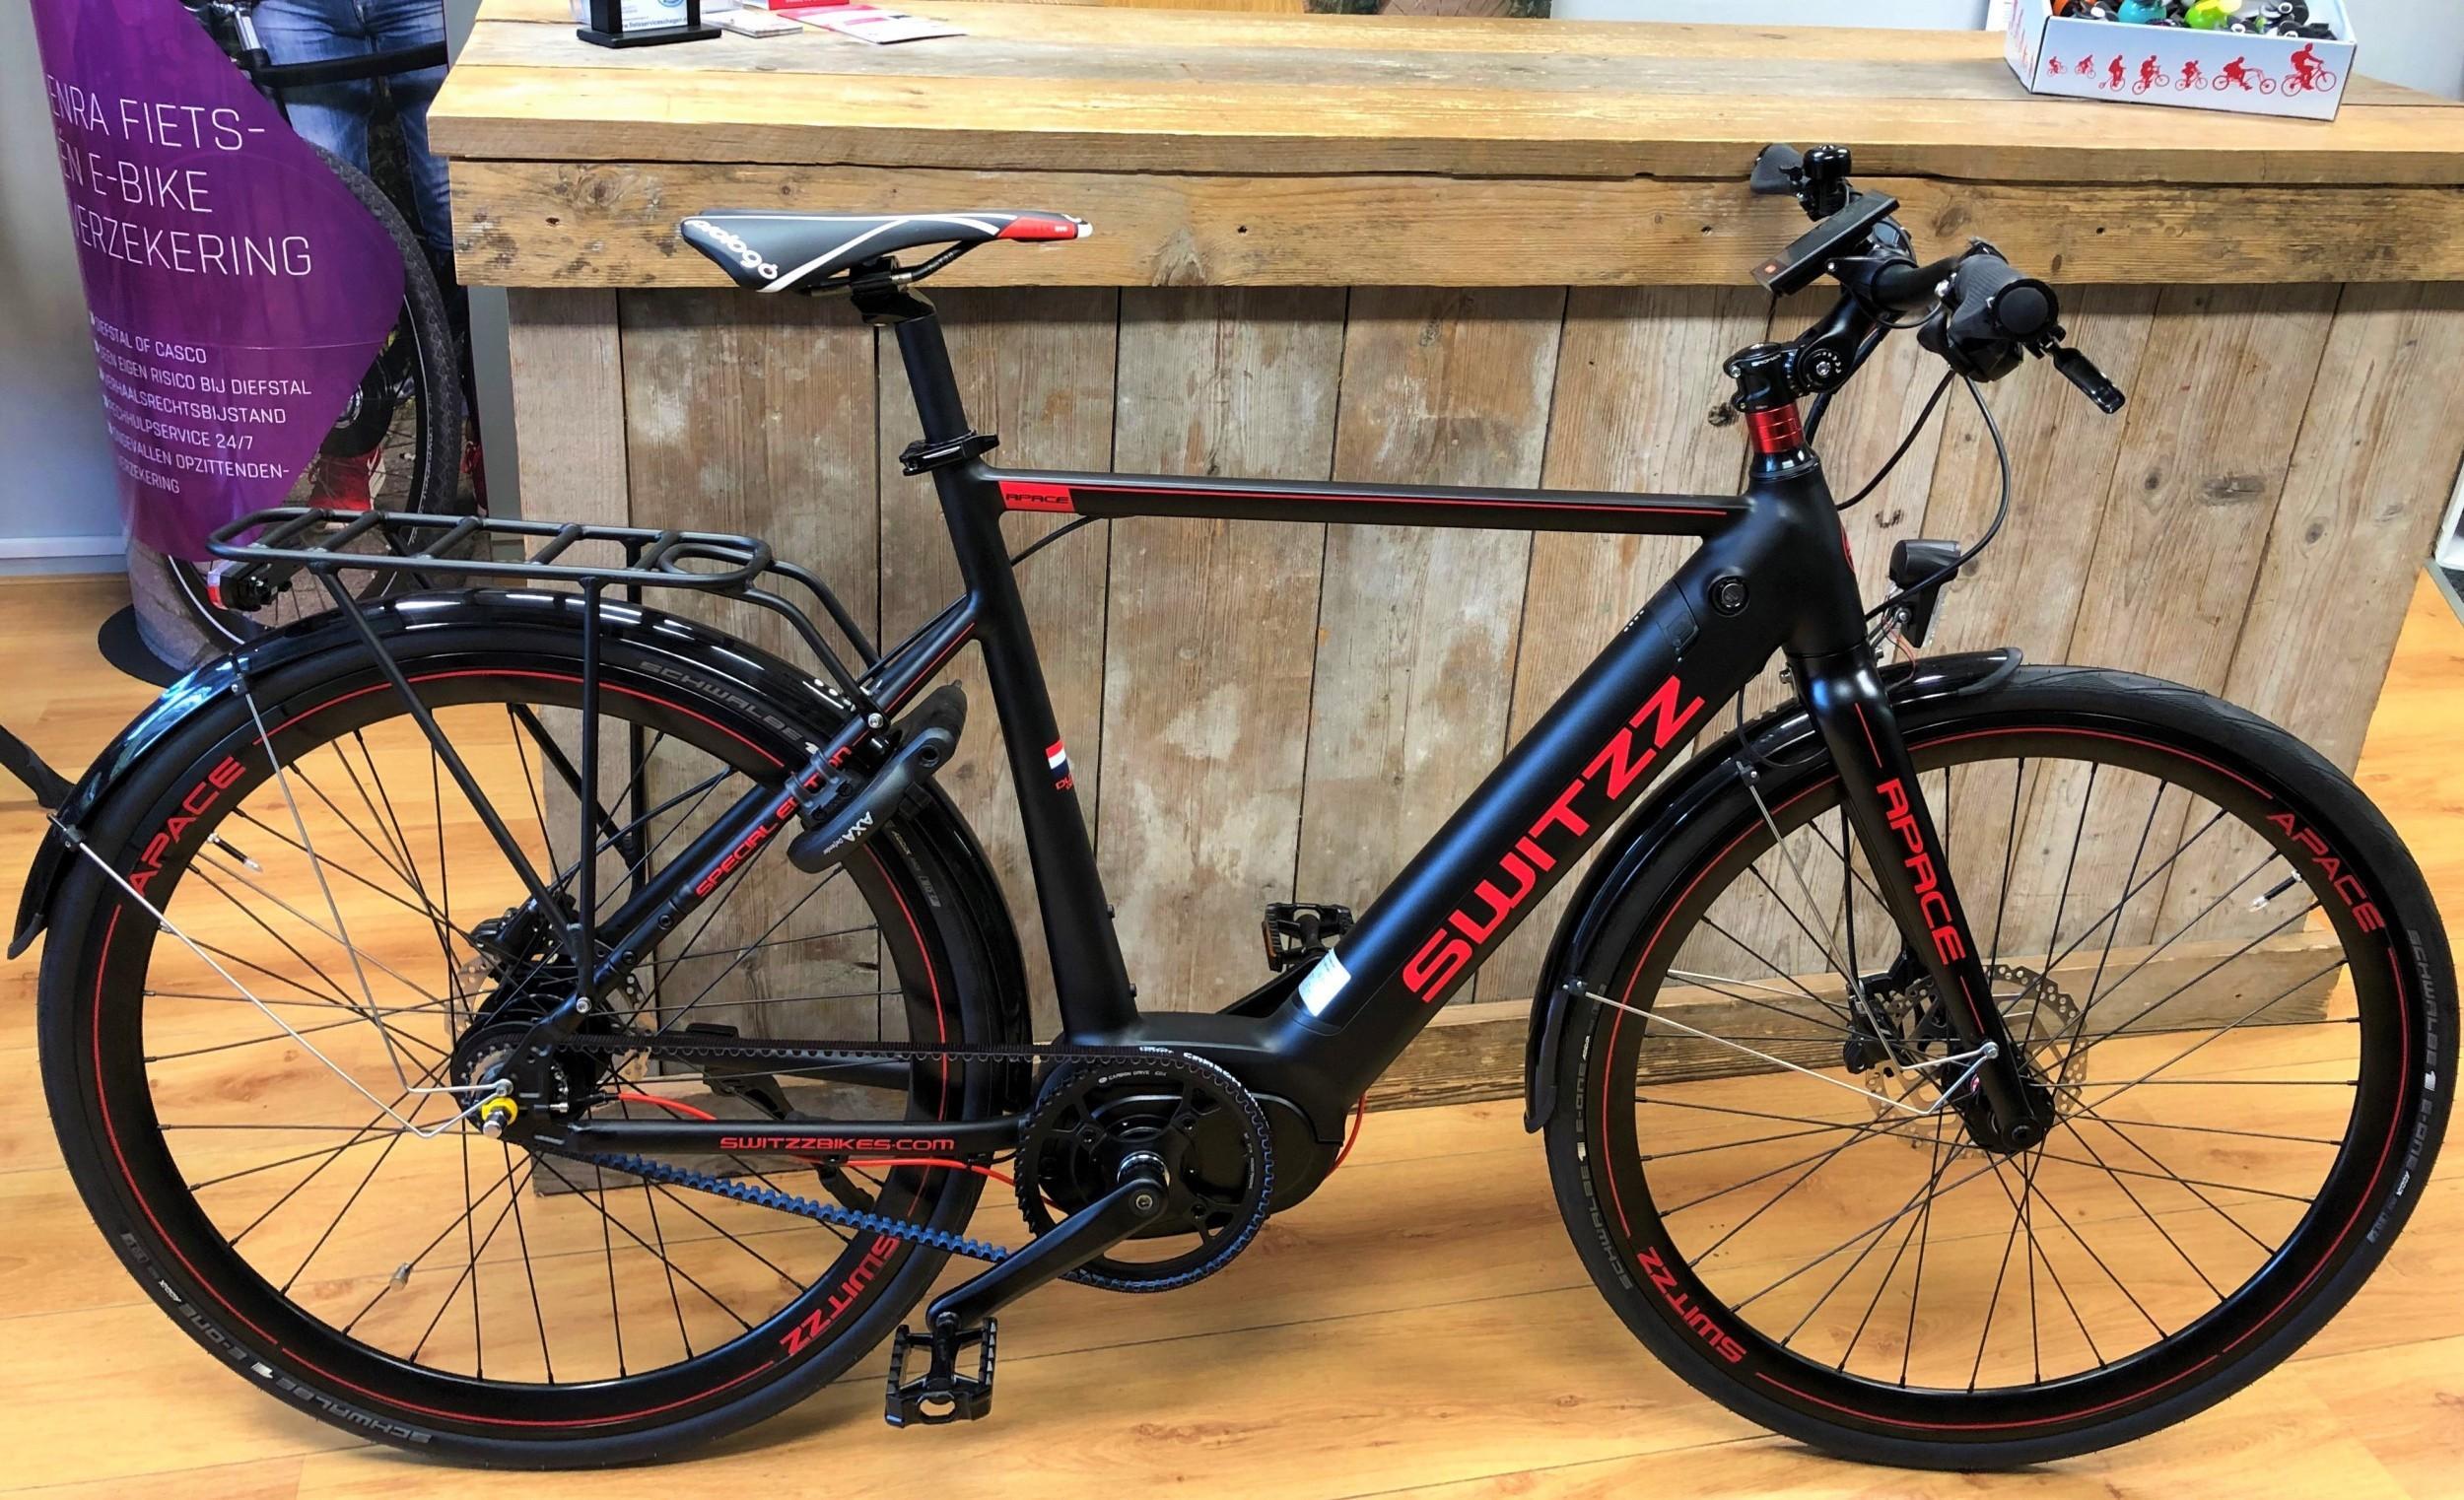 Switzz Apace E-Bike heren 8V met middenmotor